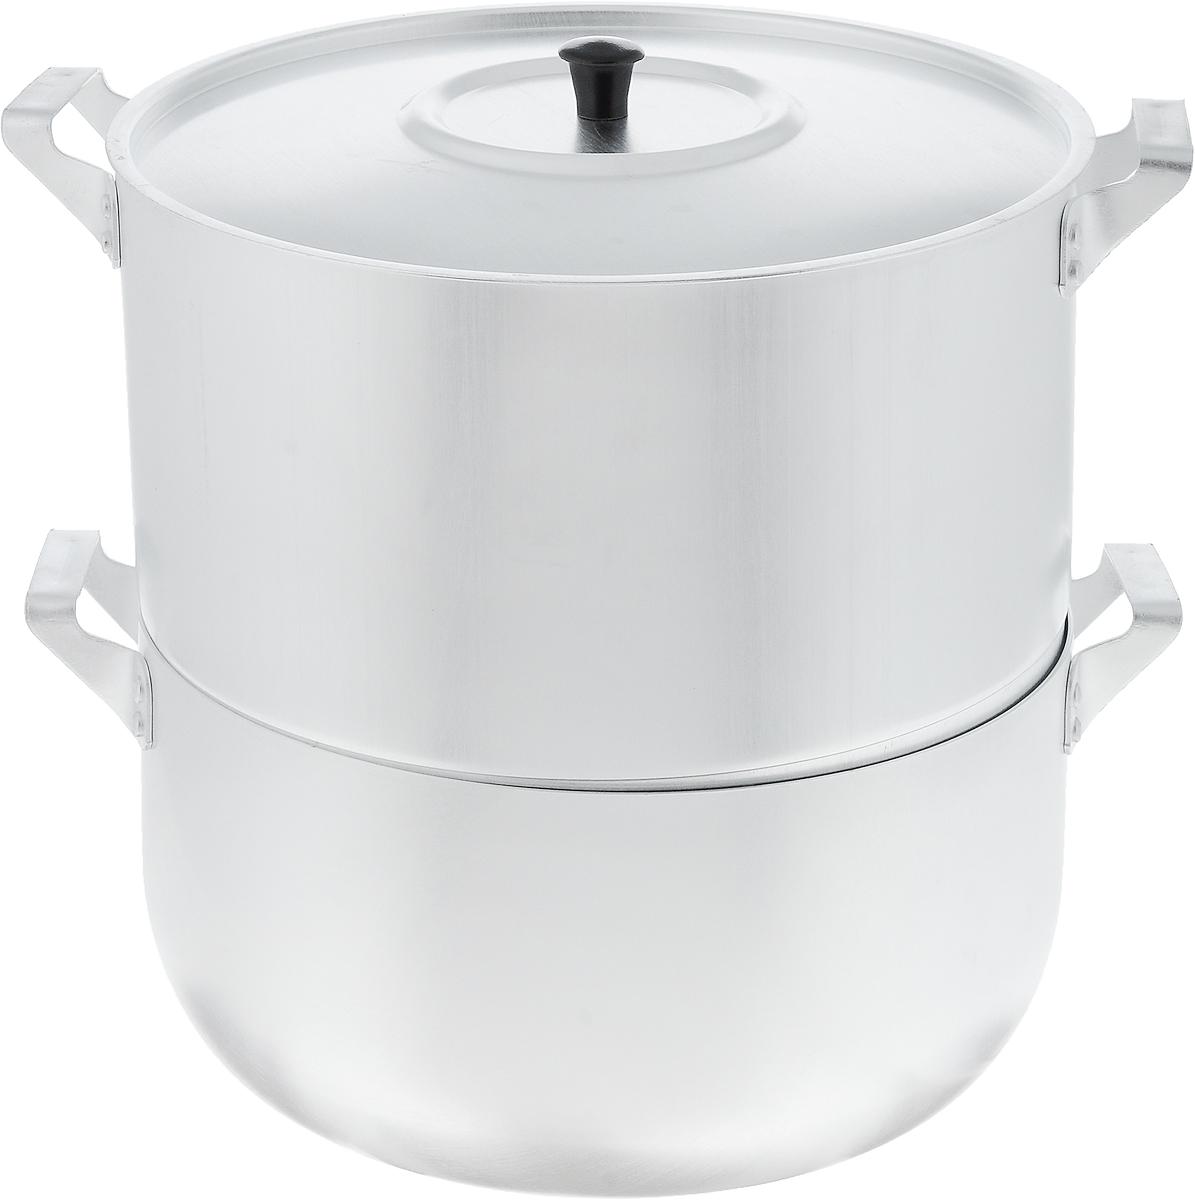 Мантоварка Scovo с крышкой, 4 яруса, 6 л115510Мантоварка Scovo изготовлена из высококачественного алюминия, что делает посуду износостойкой, прочной и практичной. Глубина уровней изделия, диаметр отверстий и объем специально предназначены для приготовления мантов. В мантоварке также можно готовить и другие блюда: овощи, котлеты или пельмени. Готовить на пару очень просто, продукты не пригорают и не склеиваются, а готовое блюдо выходит рассыпчатым и ароматным. Питательные элементы и витамины не растворяются в воде, а остаются в продуктах. Еда получается не только полезной, но и по-настоящему вкусной.Подходит для газовых и электрических плит. Внутренний диаметр нижней кастрюли: 26 см. Внутренний диаметр верхнего корпуса: 26 см. Общая высота стенки мантоварки: 25,5 см. Расстояние между решетками (ярусами) мантоварки: 3 см.Диаметр отверстий: 1 см.